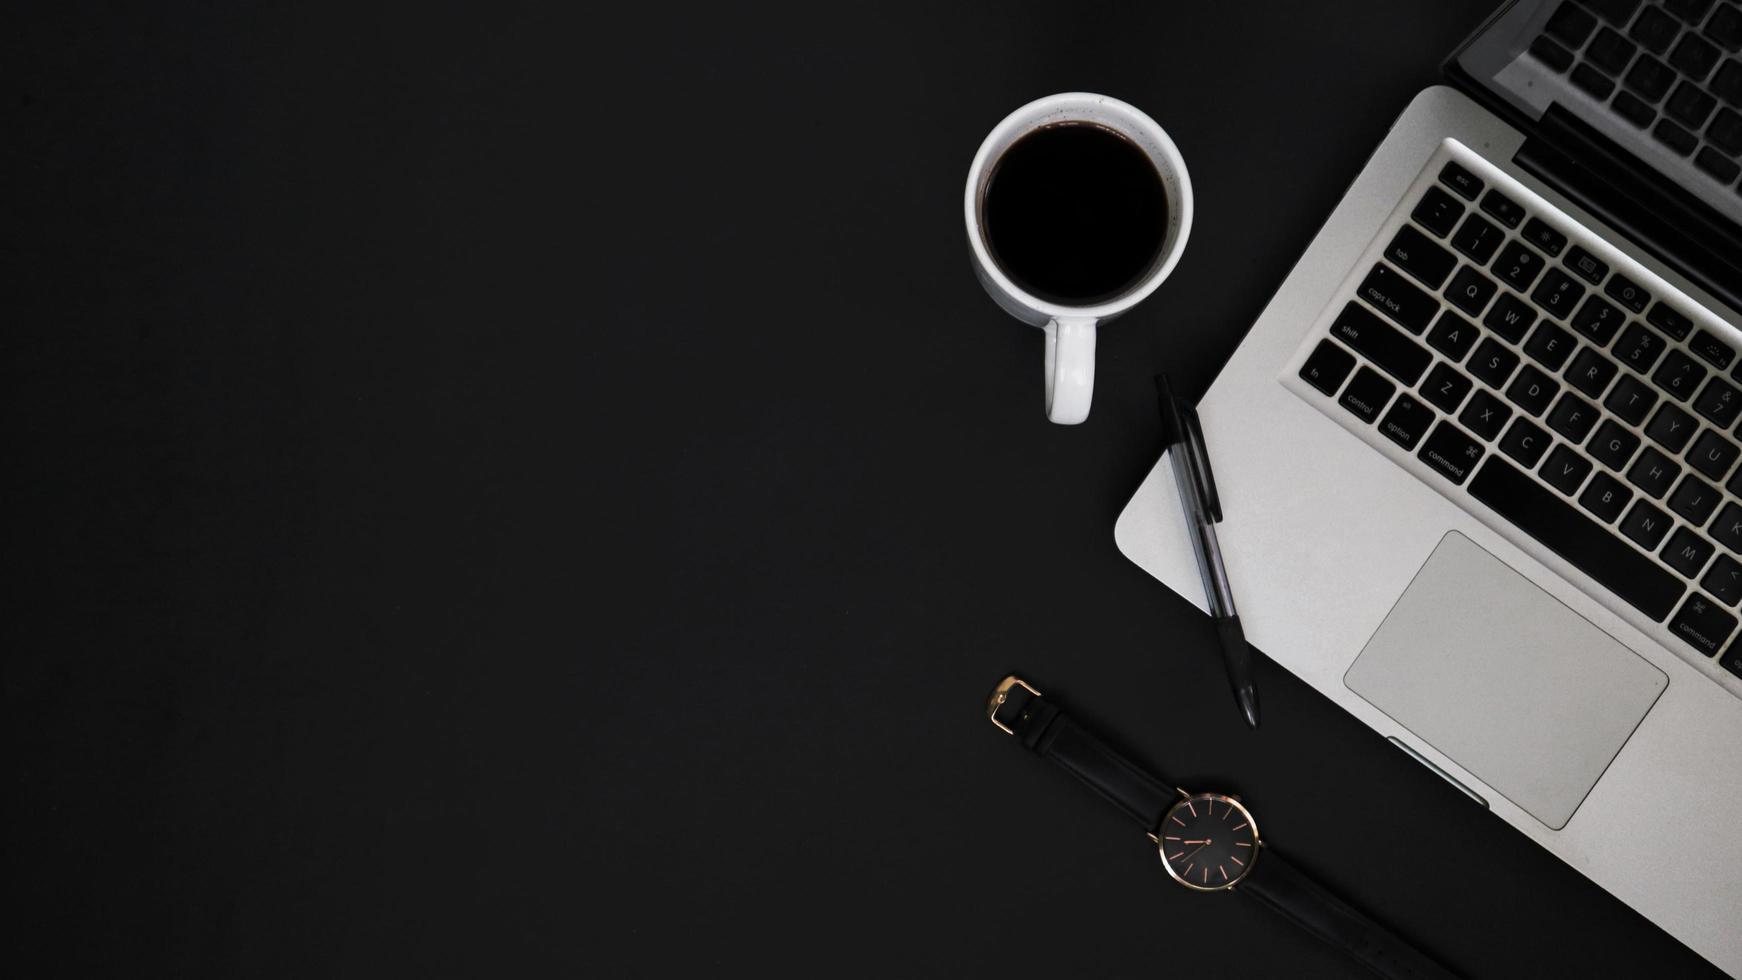 vista dall'alto dell'area di lavoro con orologio con penna per laptop e tazza di caffè foto